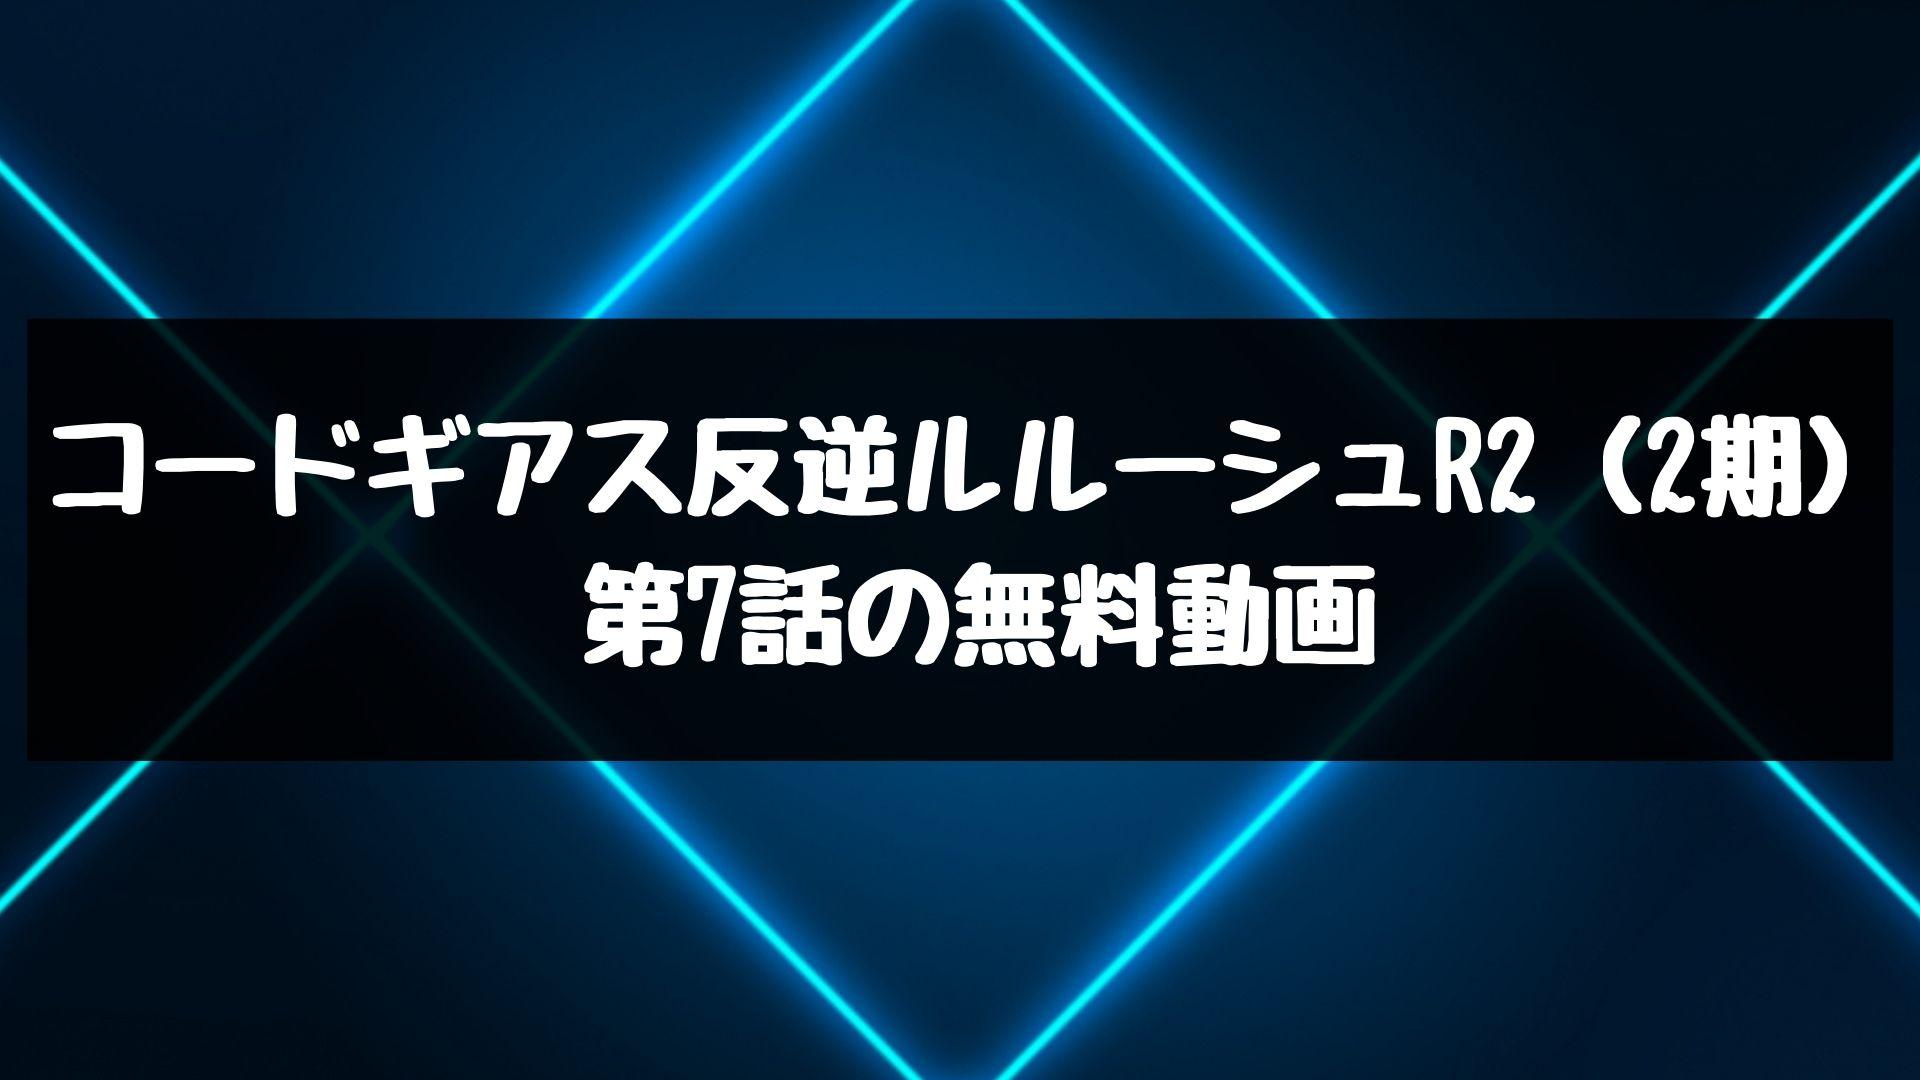 コードギアス反逆ルルーシュR2(2期) 第7の無料動画